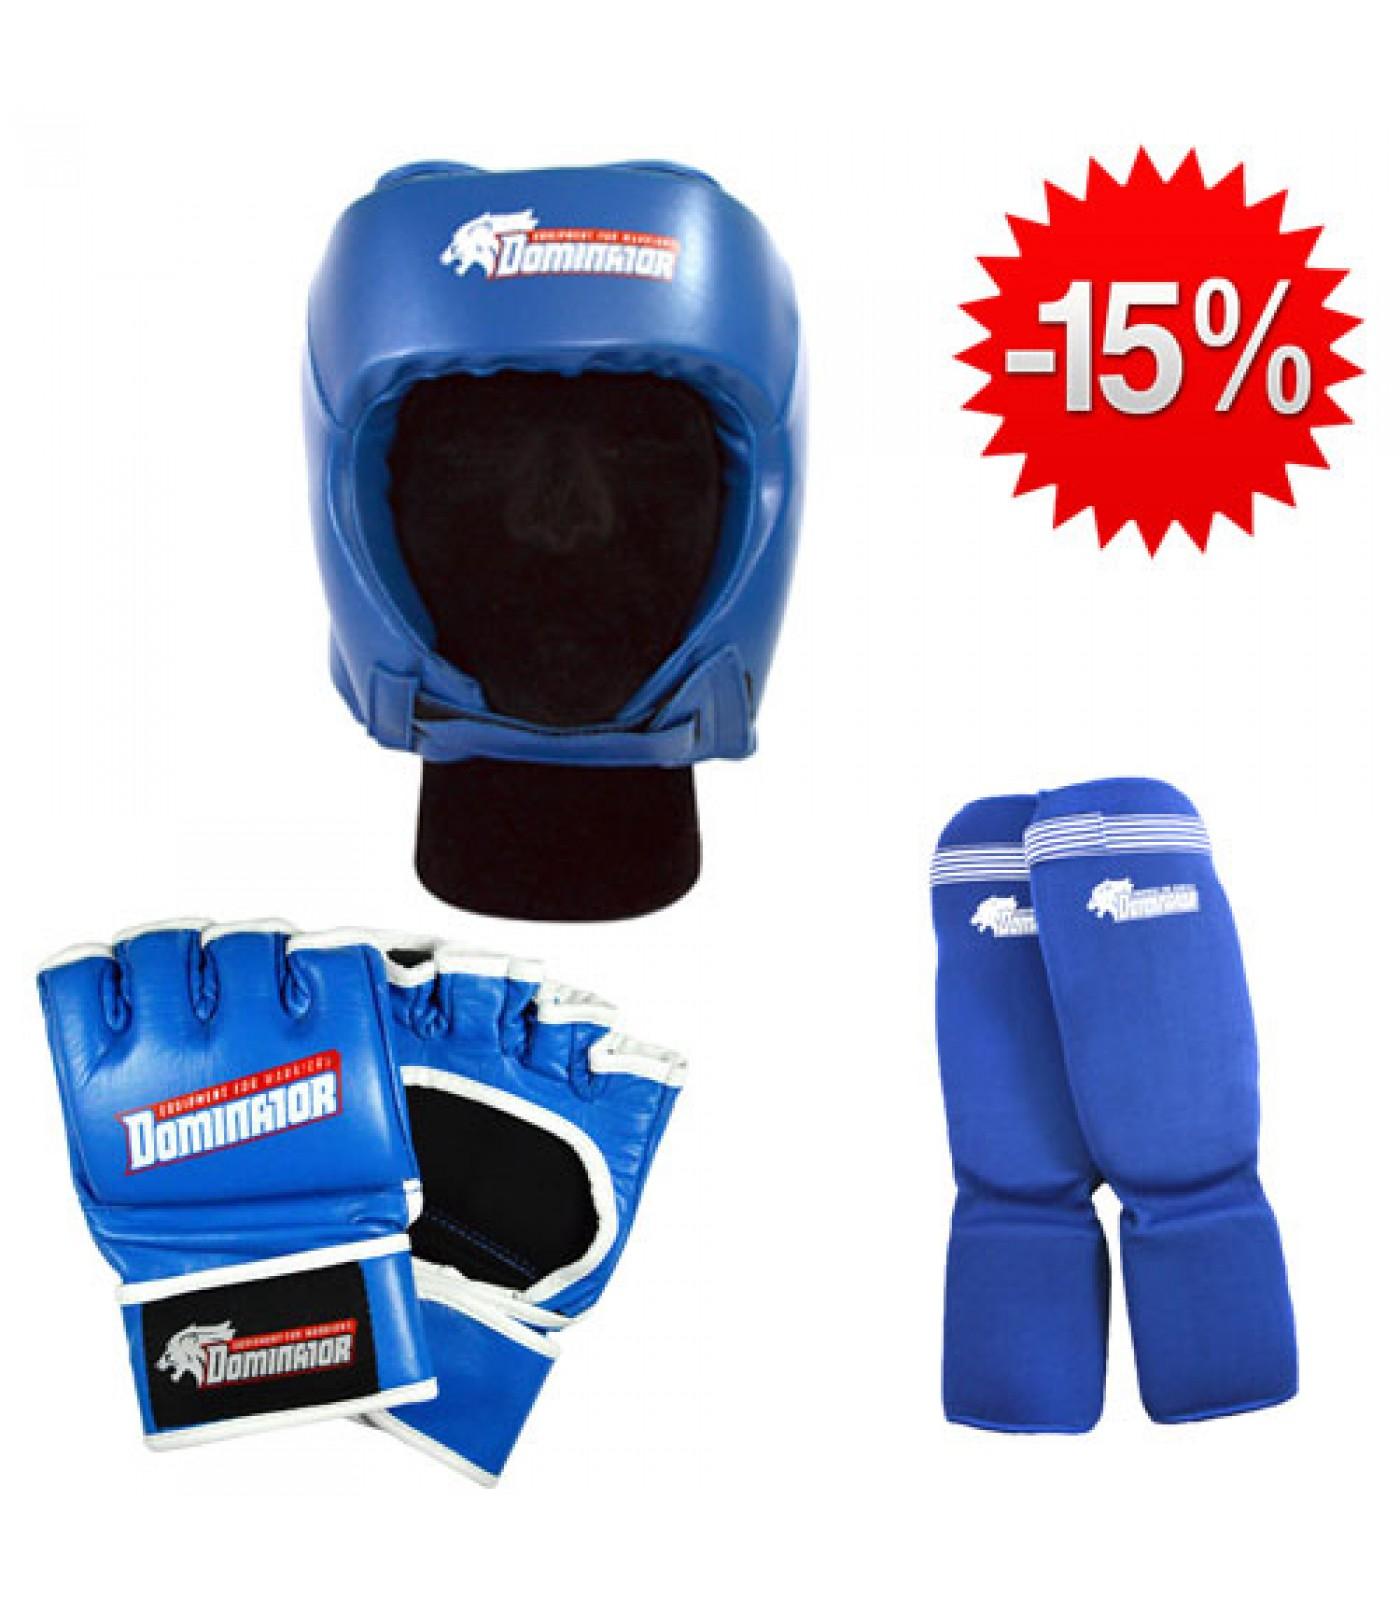 Stack Dominator - Боксова каска / синя + Dominator - MMA Ръкавици / сини + Dominator - Протектор за крака (памучни / сини)